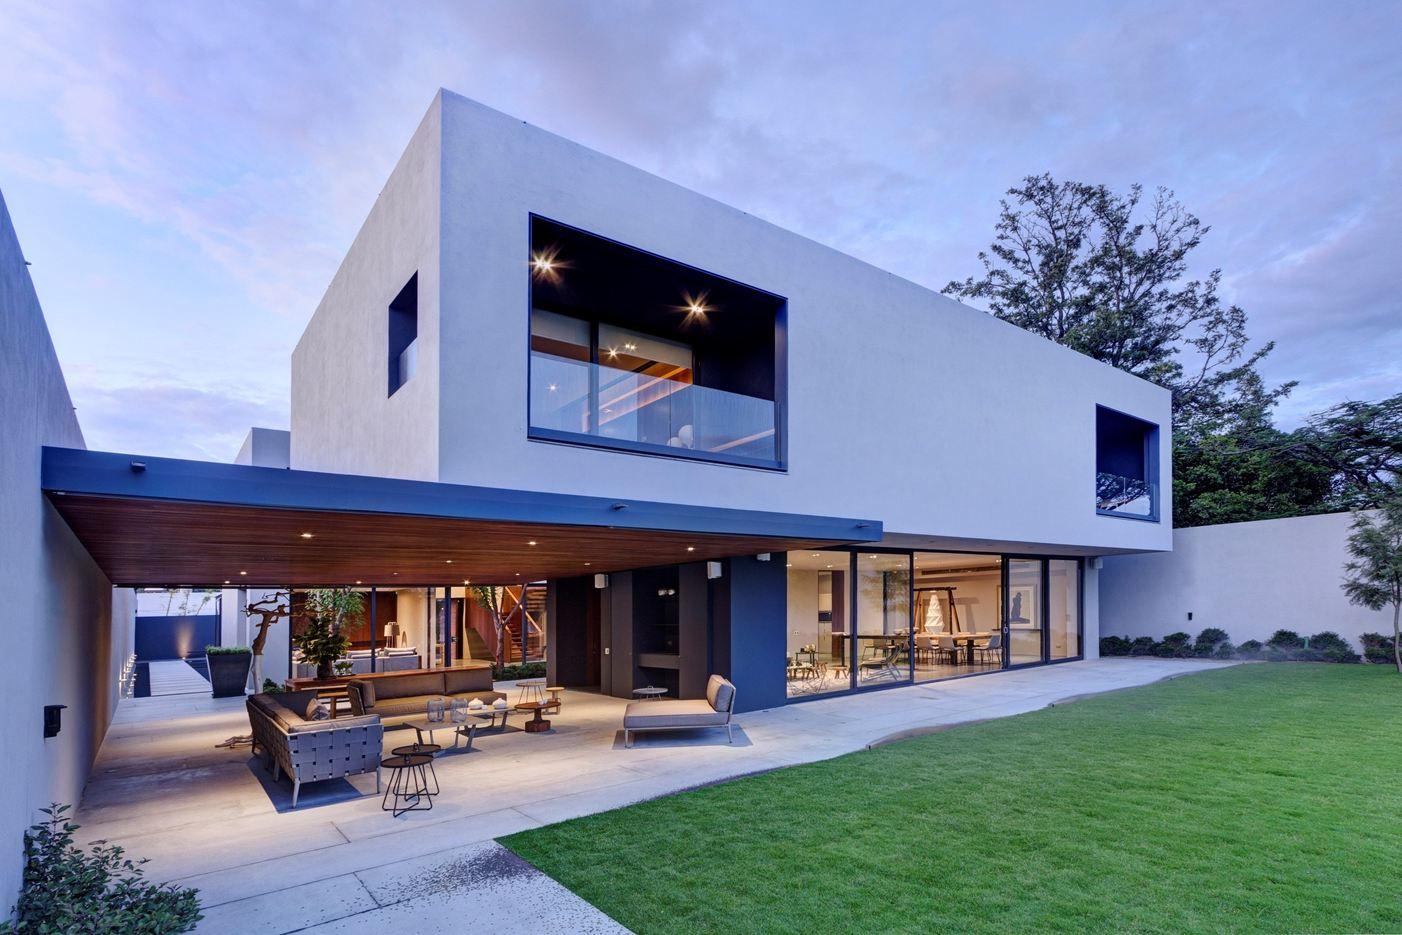 Casa La In Mexico By El 237 As Rizo Arquitectos Sohomod Blog